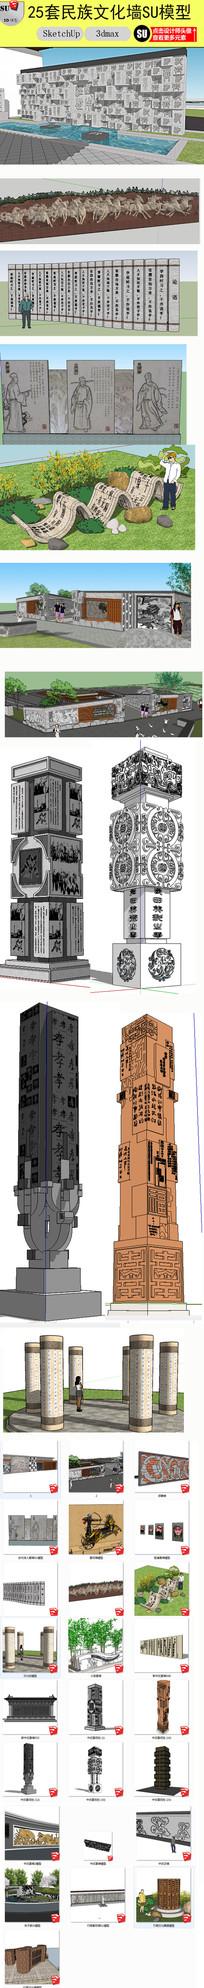 中式民族文化景观墙SU模型